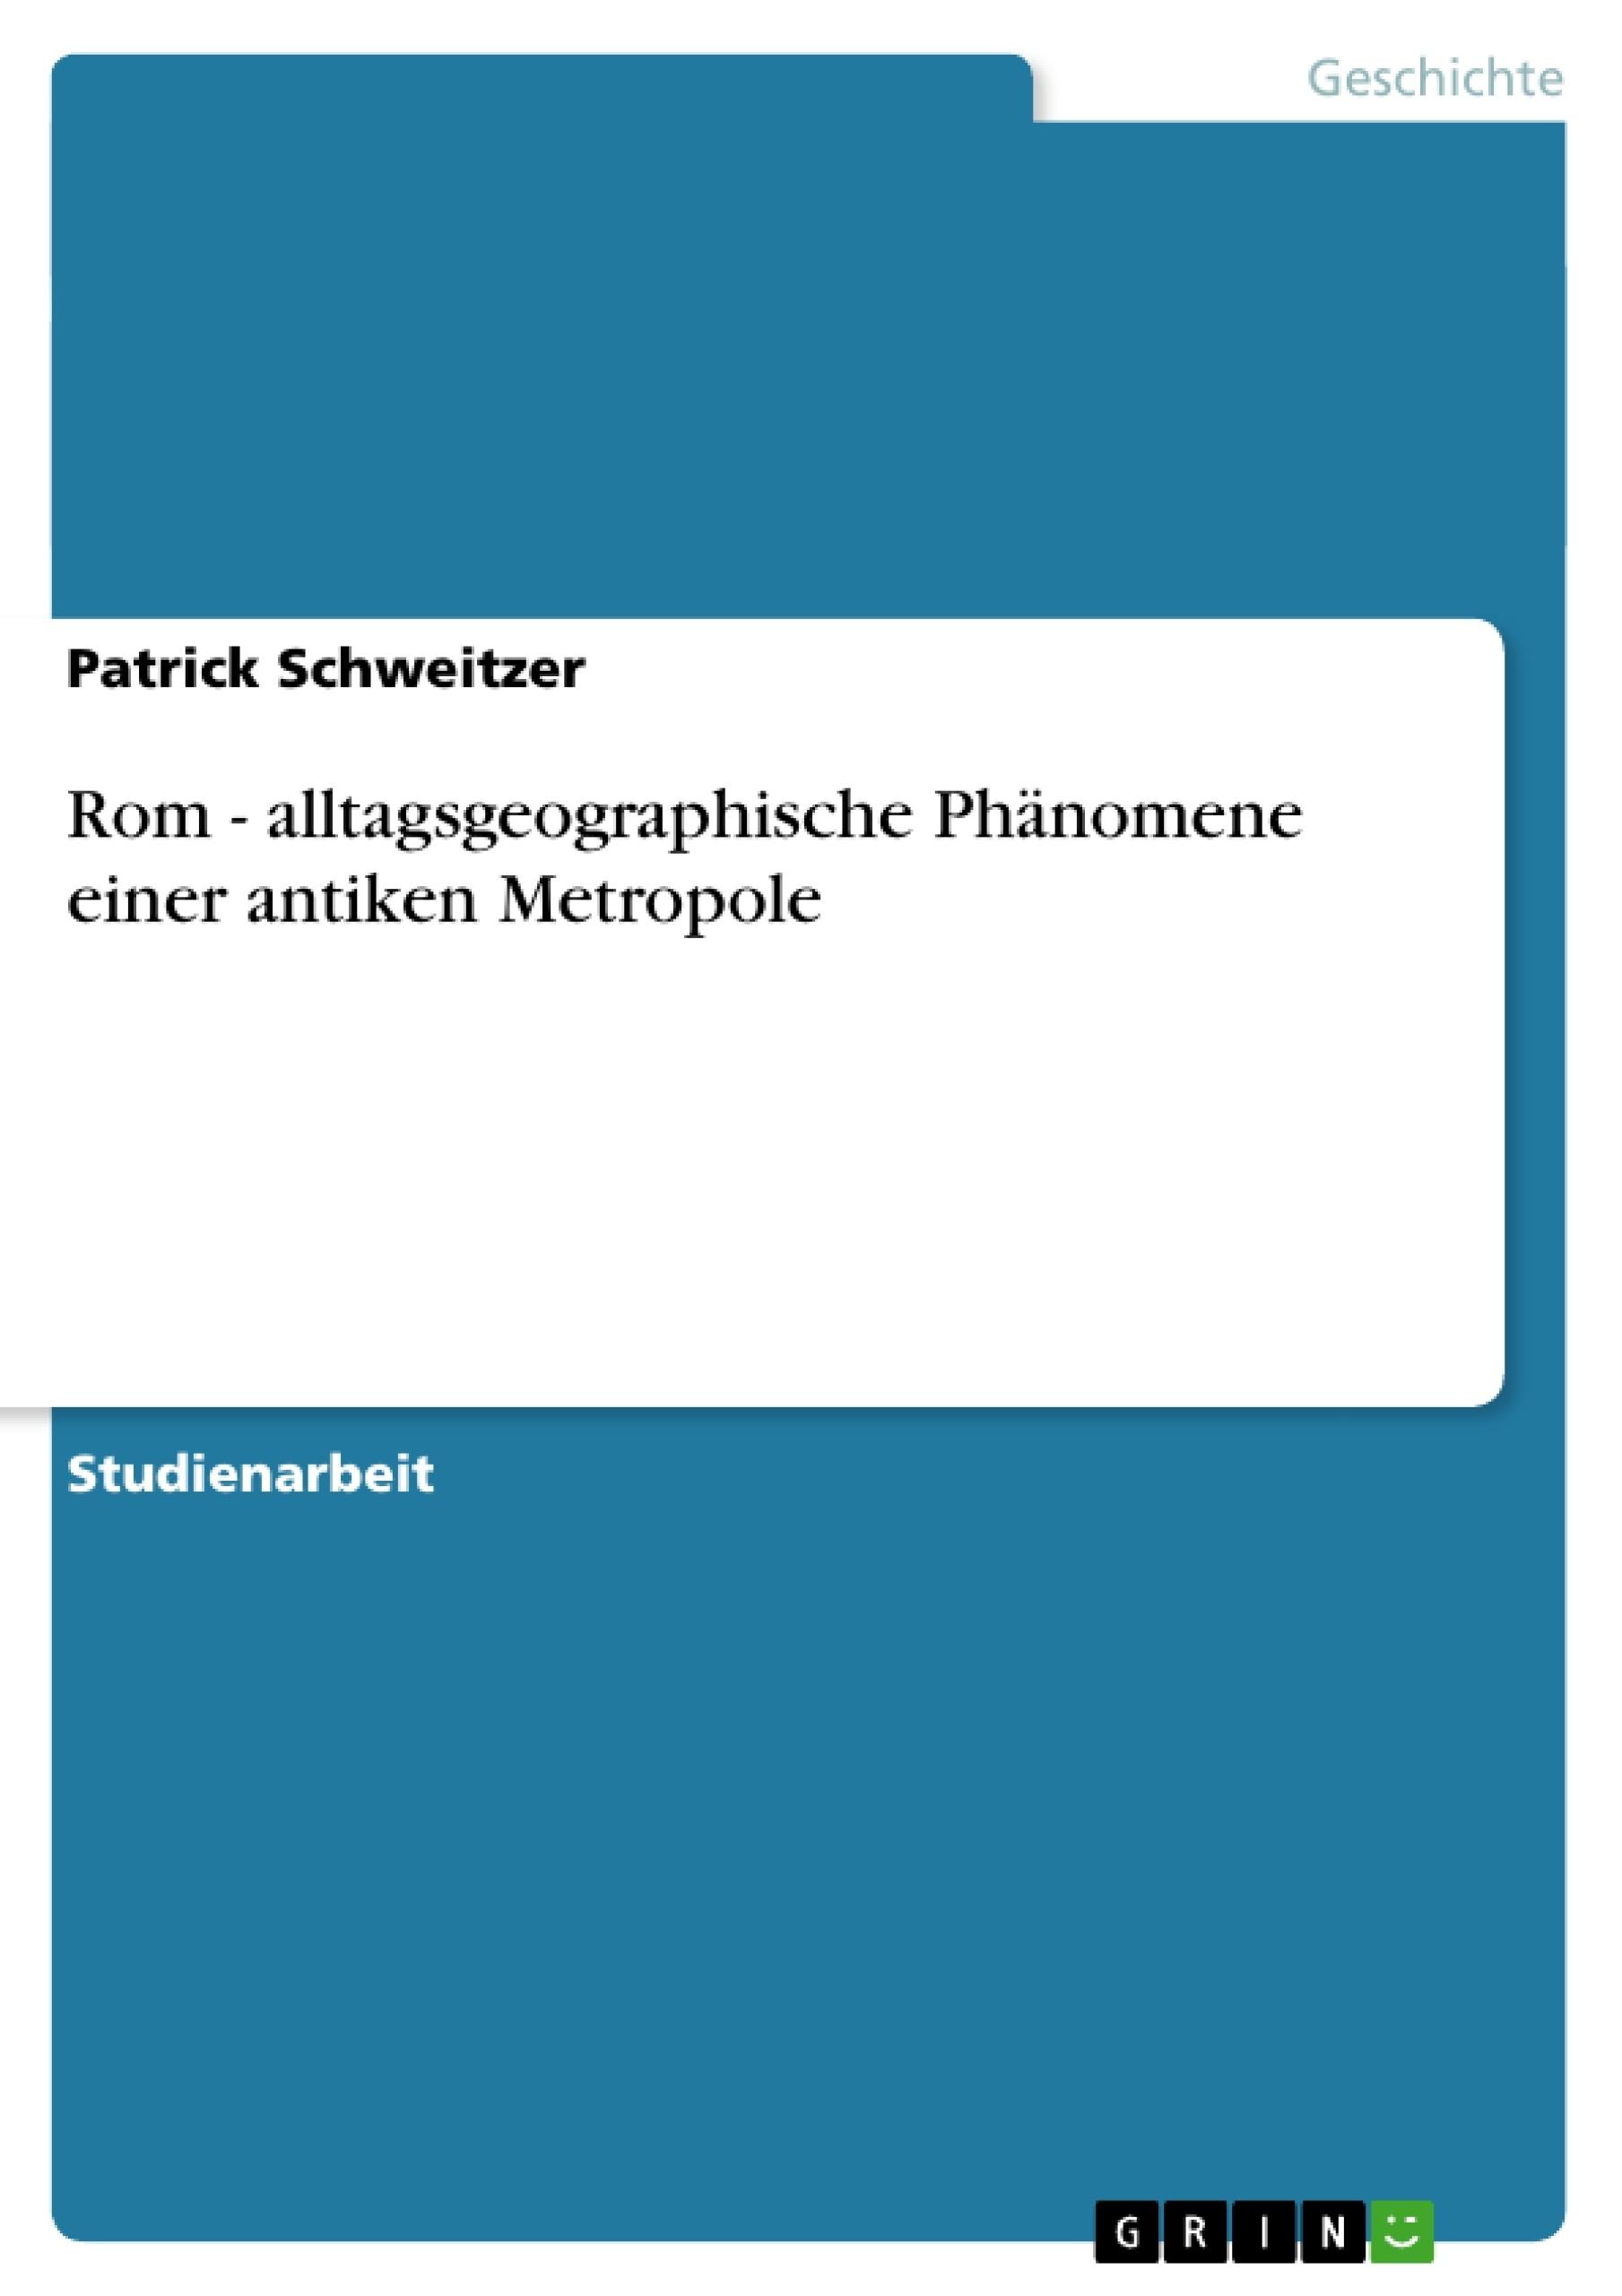 Titel: Rom - alltagsgeographische Phänomene einer antiken Metropole